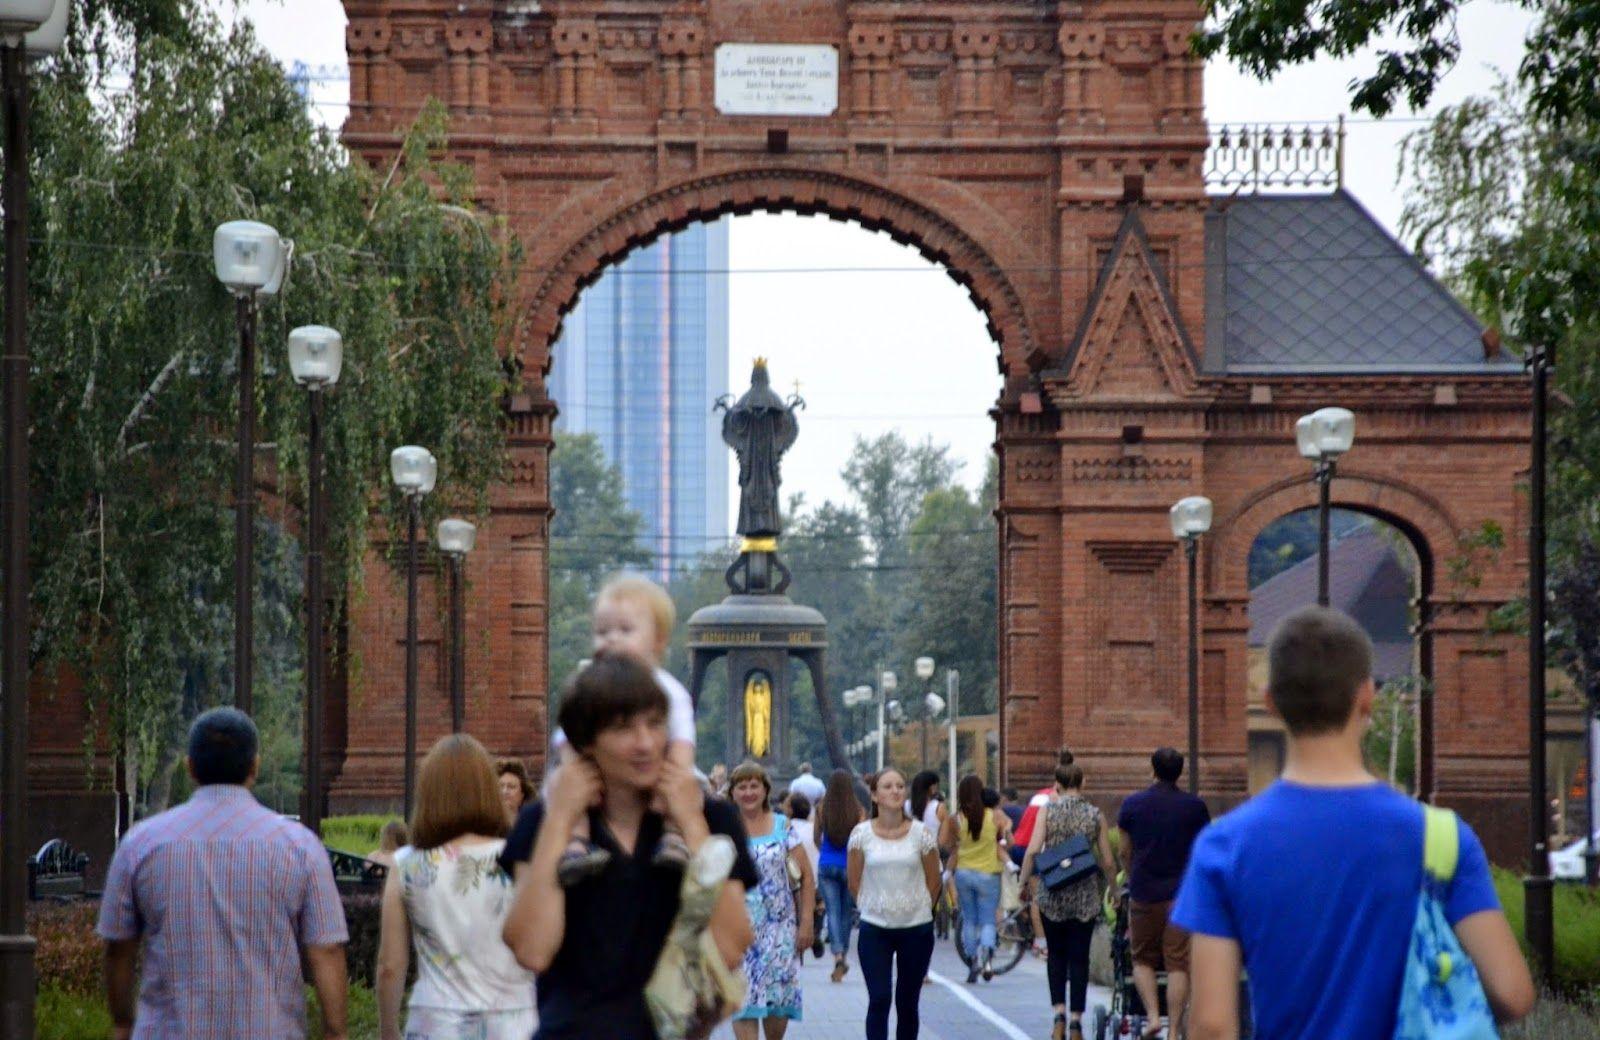 Краснодар вошел в топ-5 популярных у туристов городов для летних путешествий по России